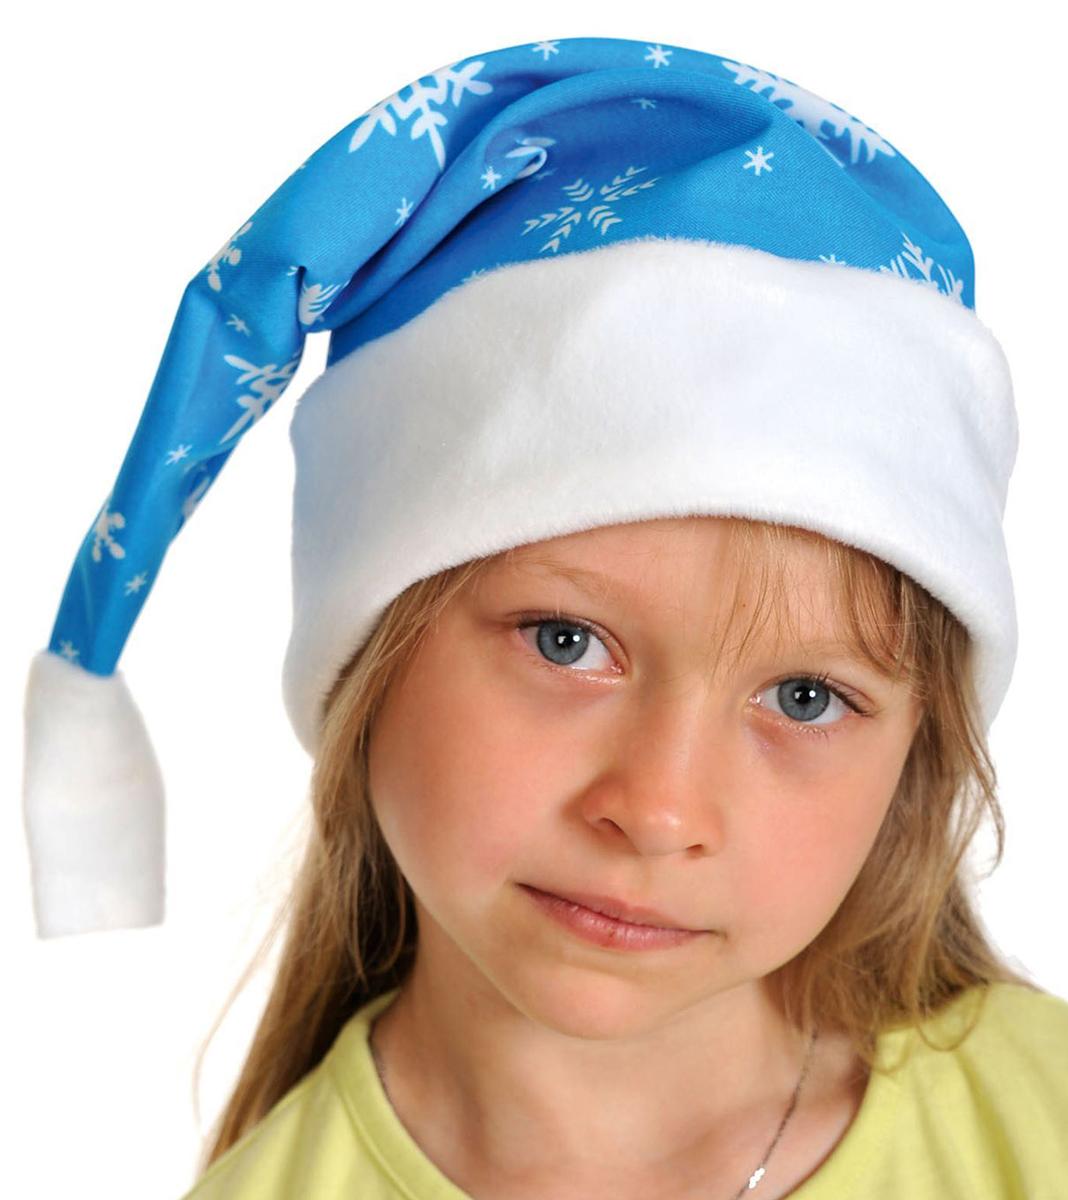 Колпак новогодний, цвет: синий. Размер 53-55 см. 25128262512826Невозможно представить нашу жизнь без праздников! Мы всегда ждем их и предвкушаем, обдумываем, как проведем памятный день, тщательно выбираем подарки и аксессуары, ведь именно они создают и поддерживают торжественный настрой. Новогодние аксессуары — это отличный выбор, который привнесет атмосферу праздника в ваш дом!